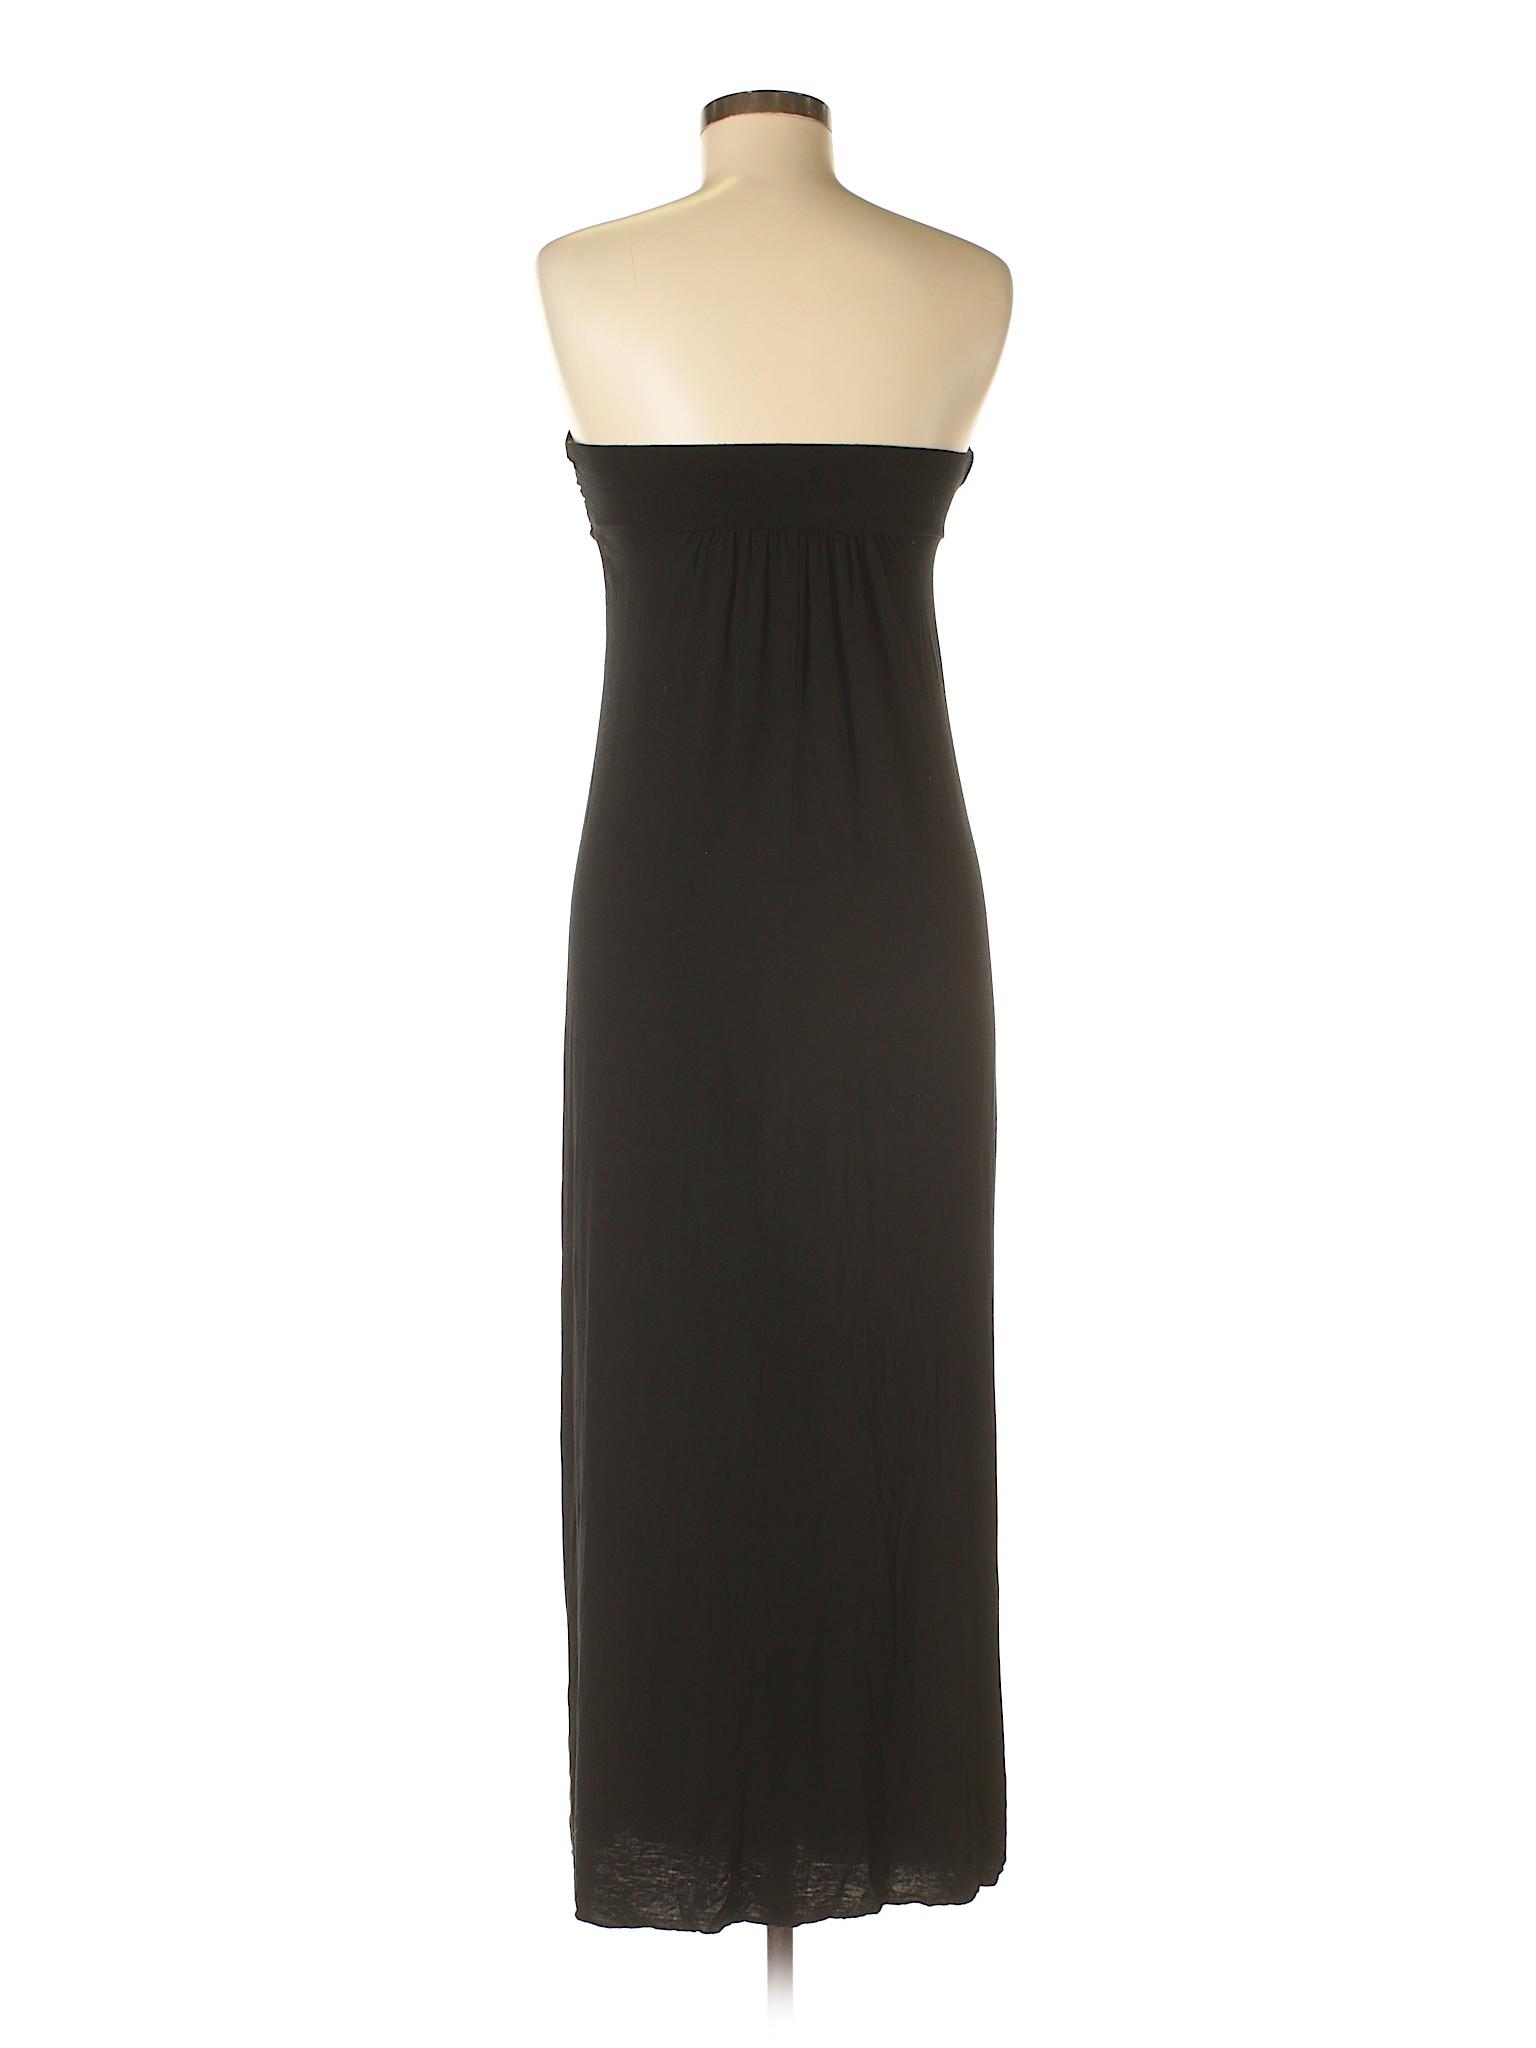 Twenty One winter Boutique Dress Casual R4z16Oxqw